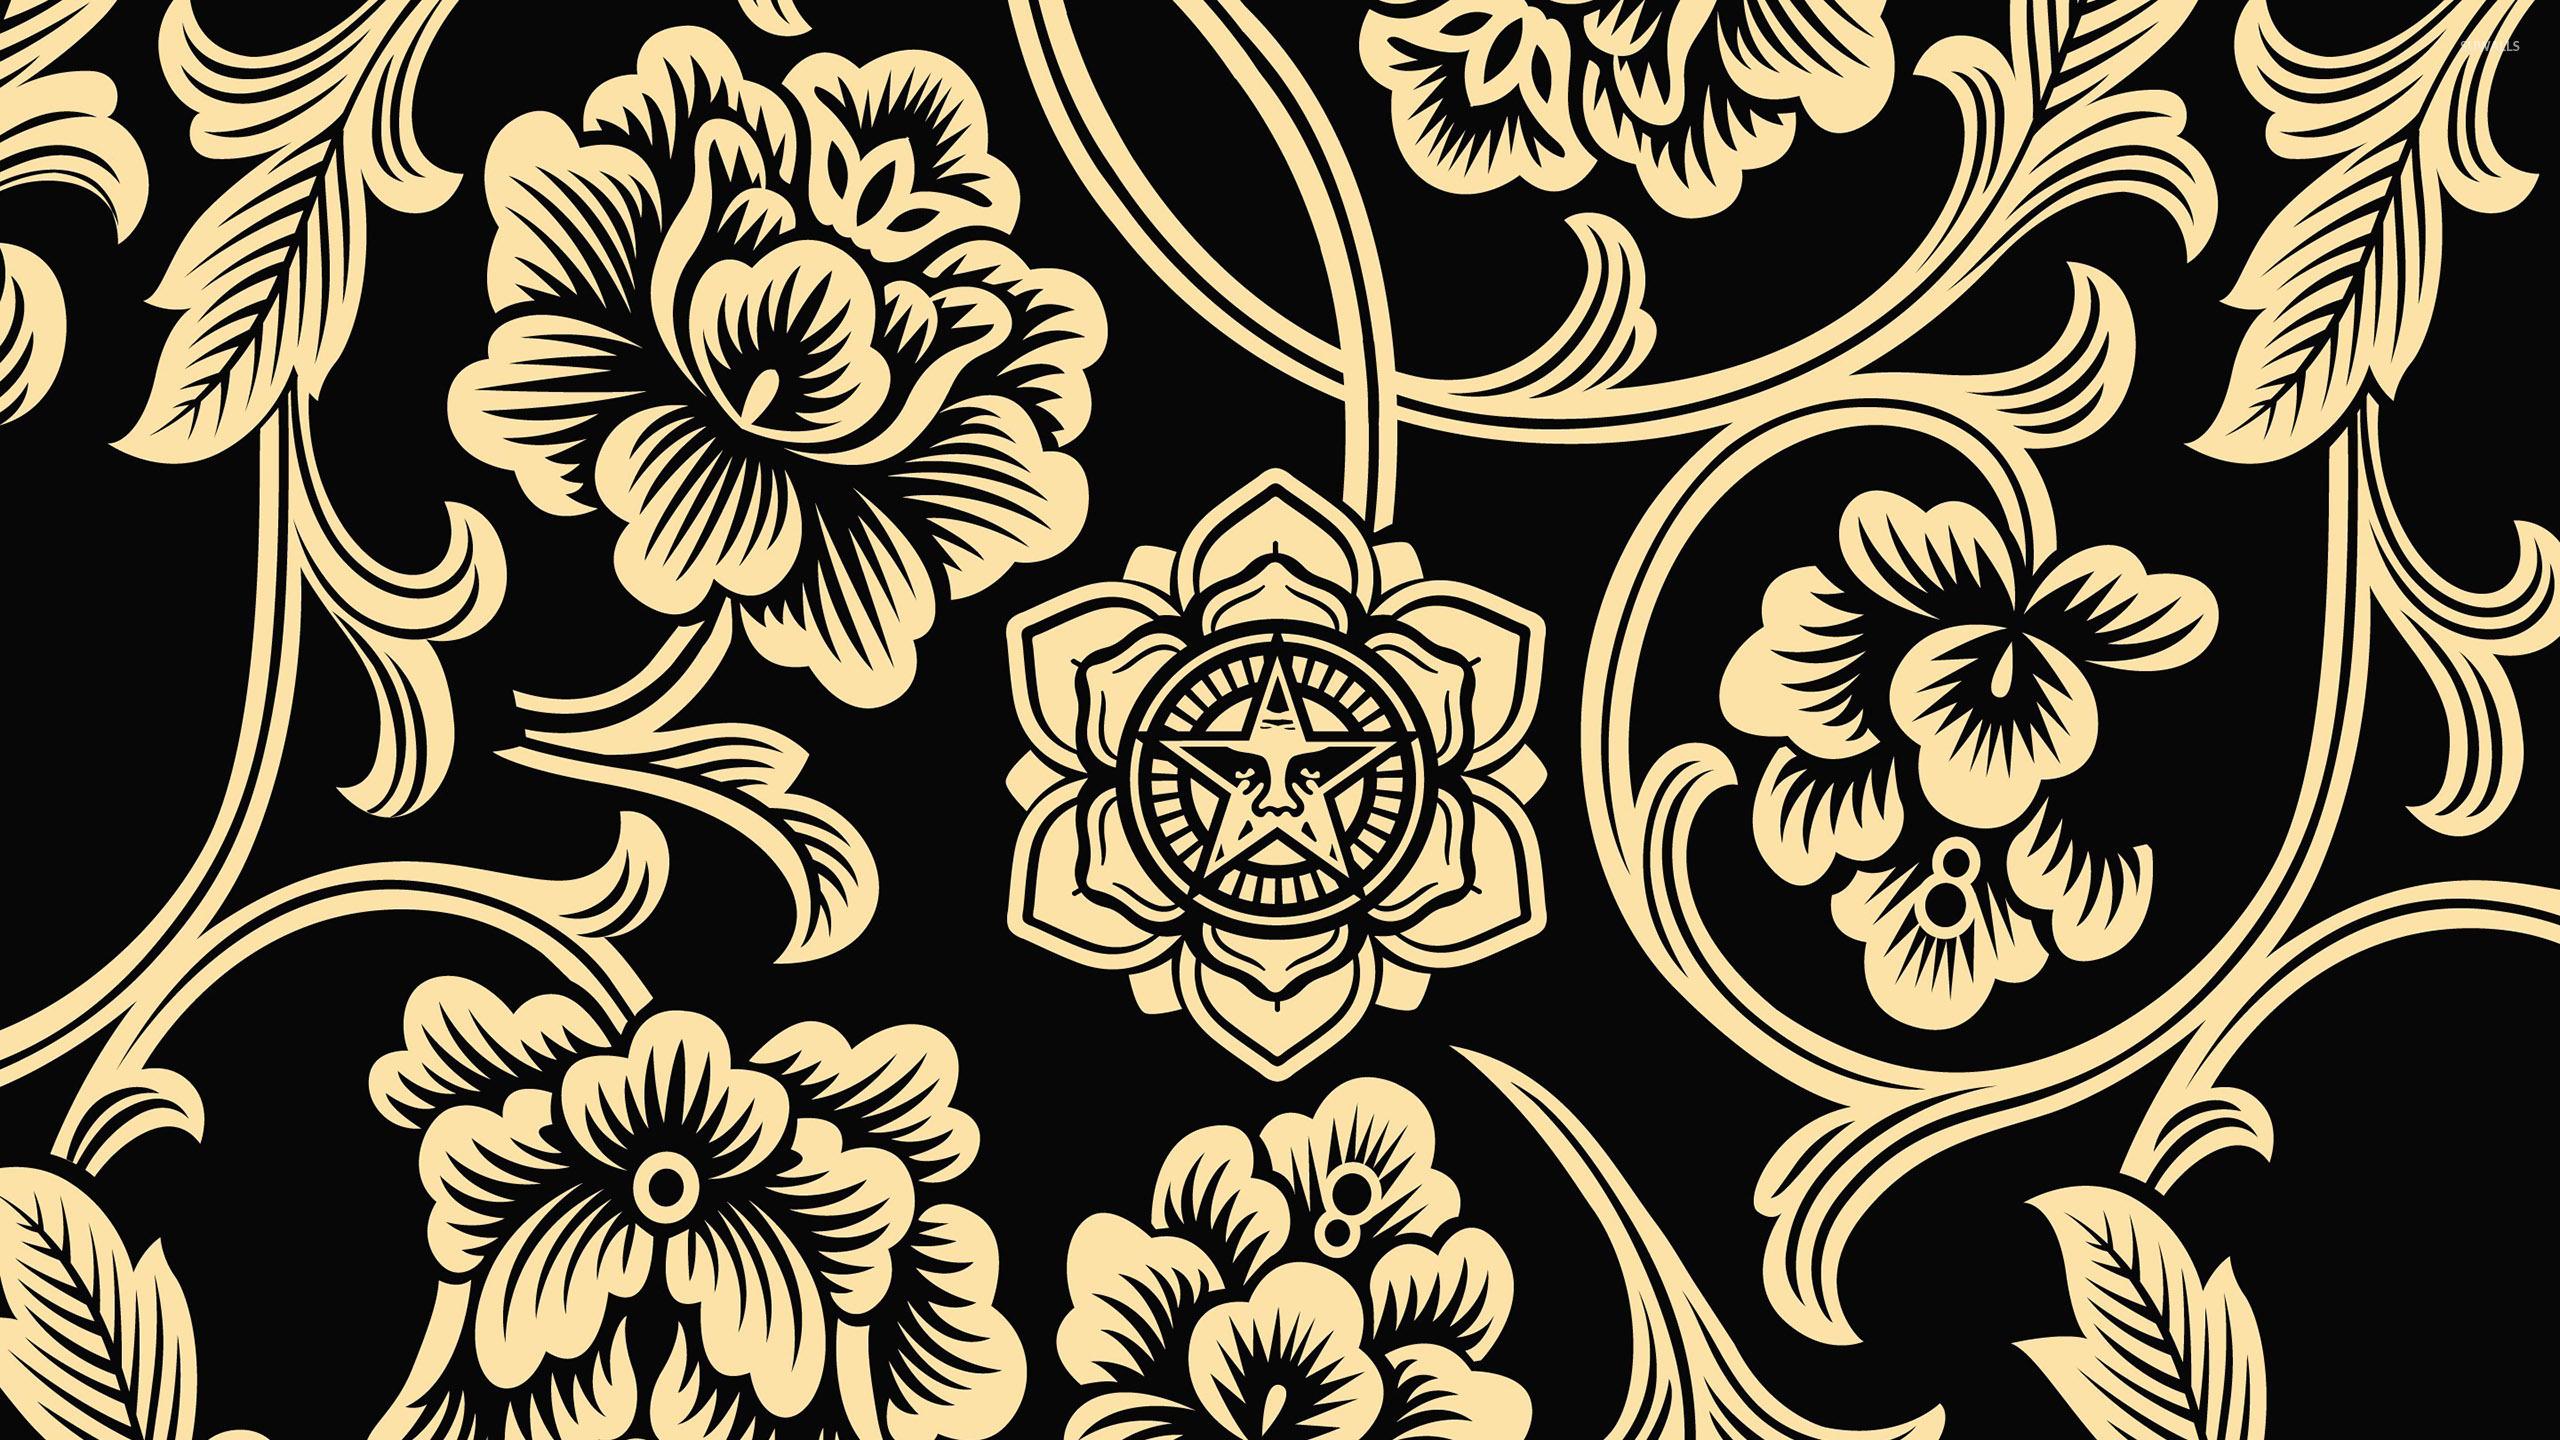 Tribal Golden Flowers On Dark Background Wallpaper